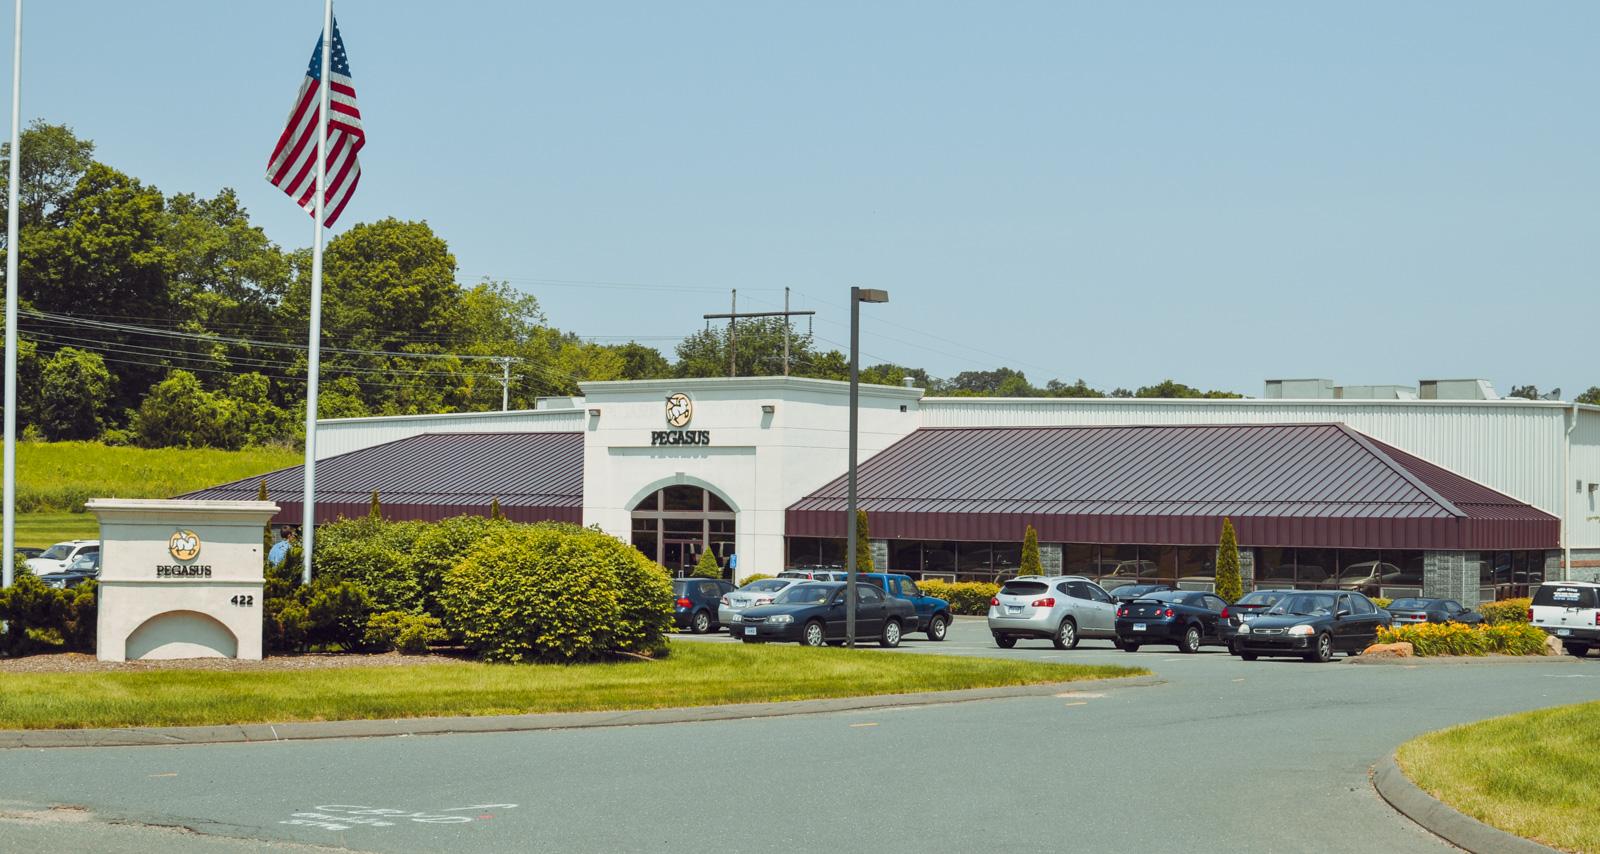 422 Timber Ridge Road     Middletown, CT